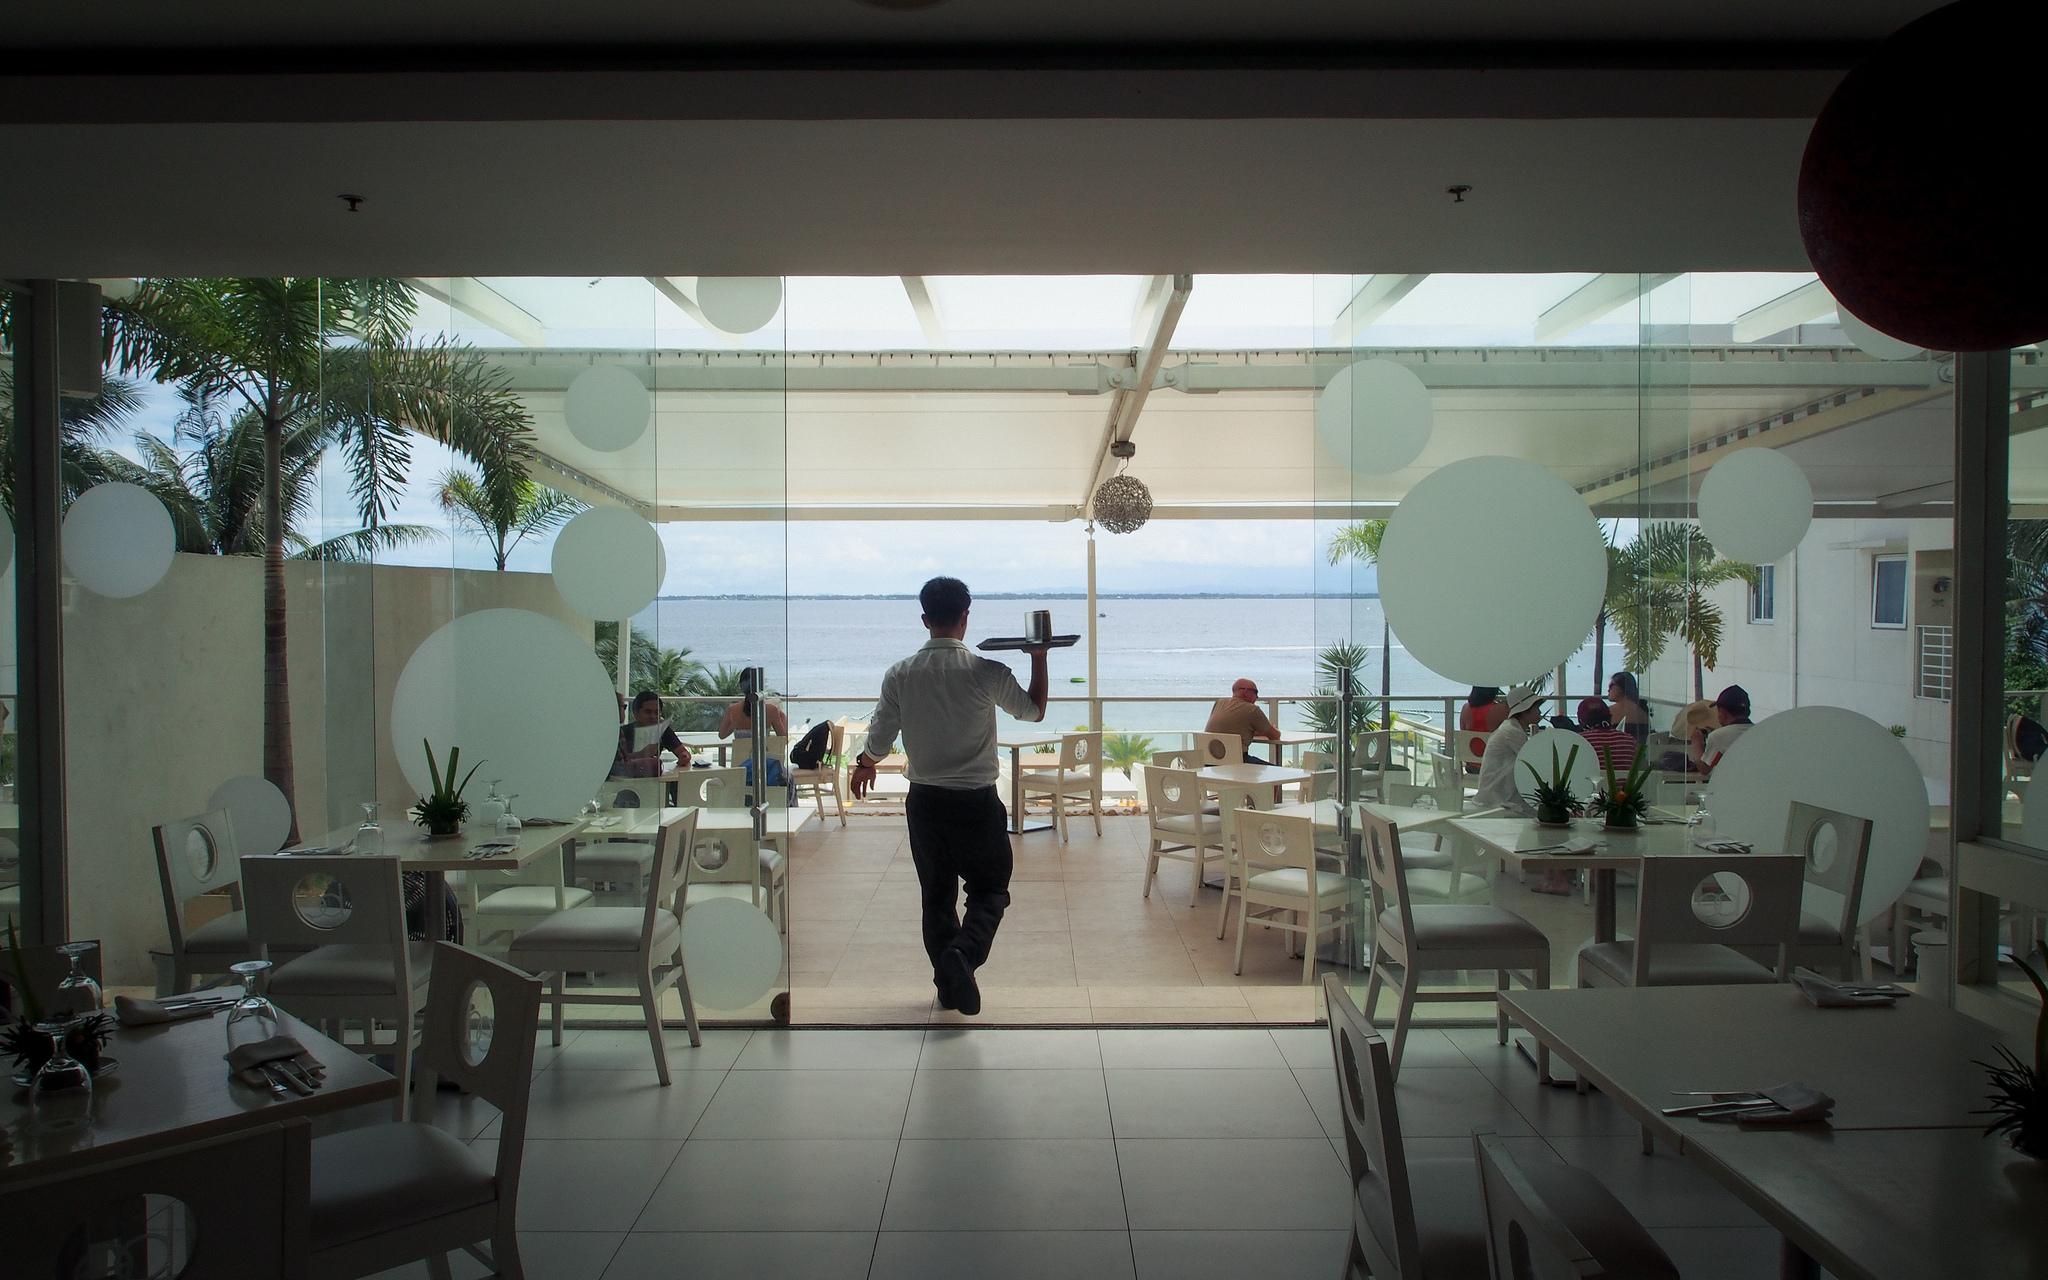 Trabalho - geral - garçom gorjeta restaurantes alimentação comércio